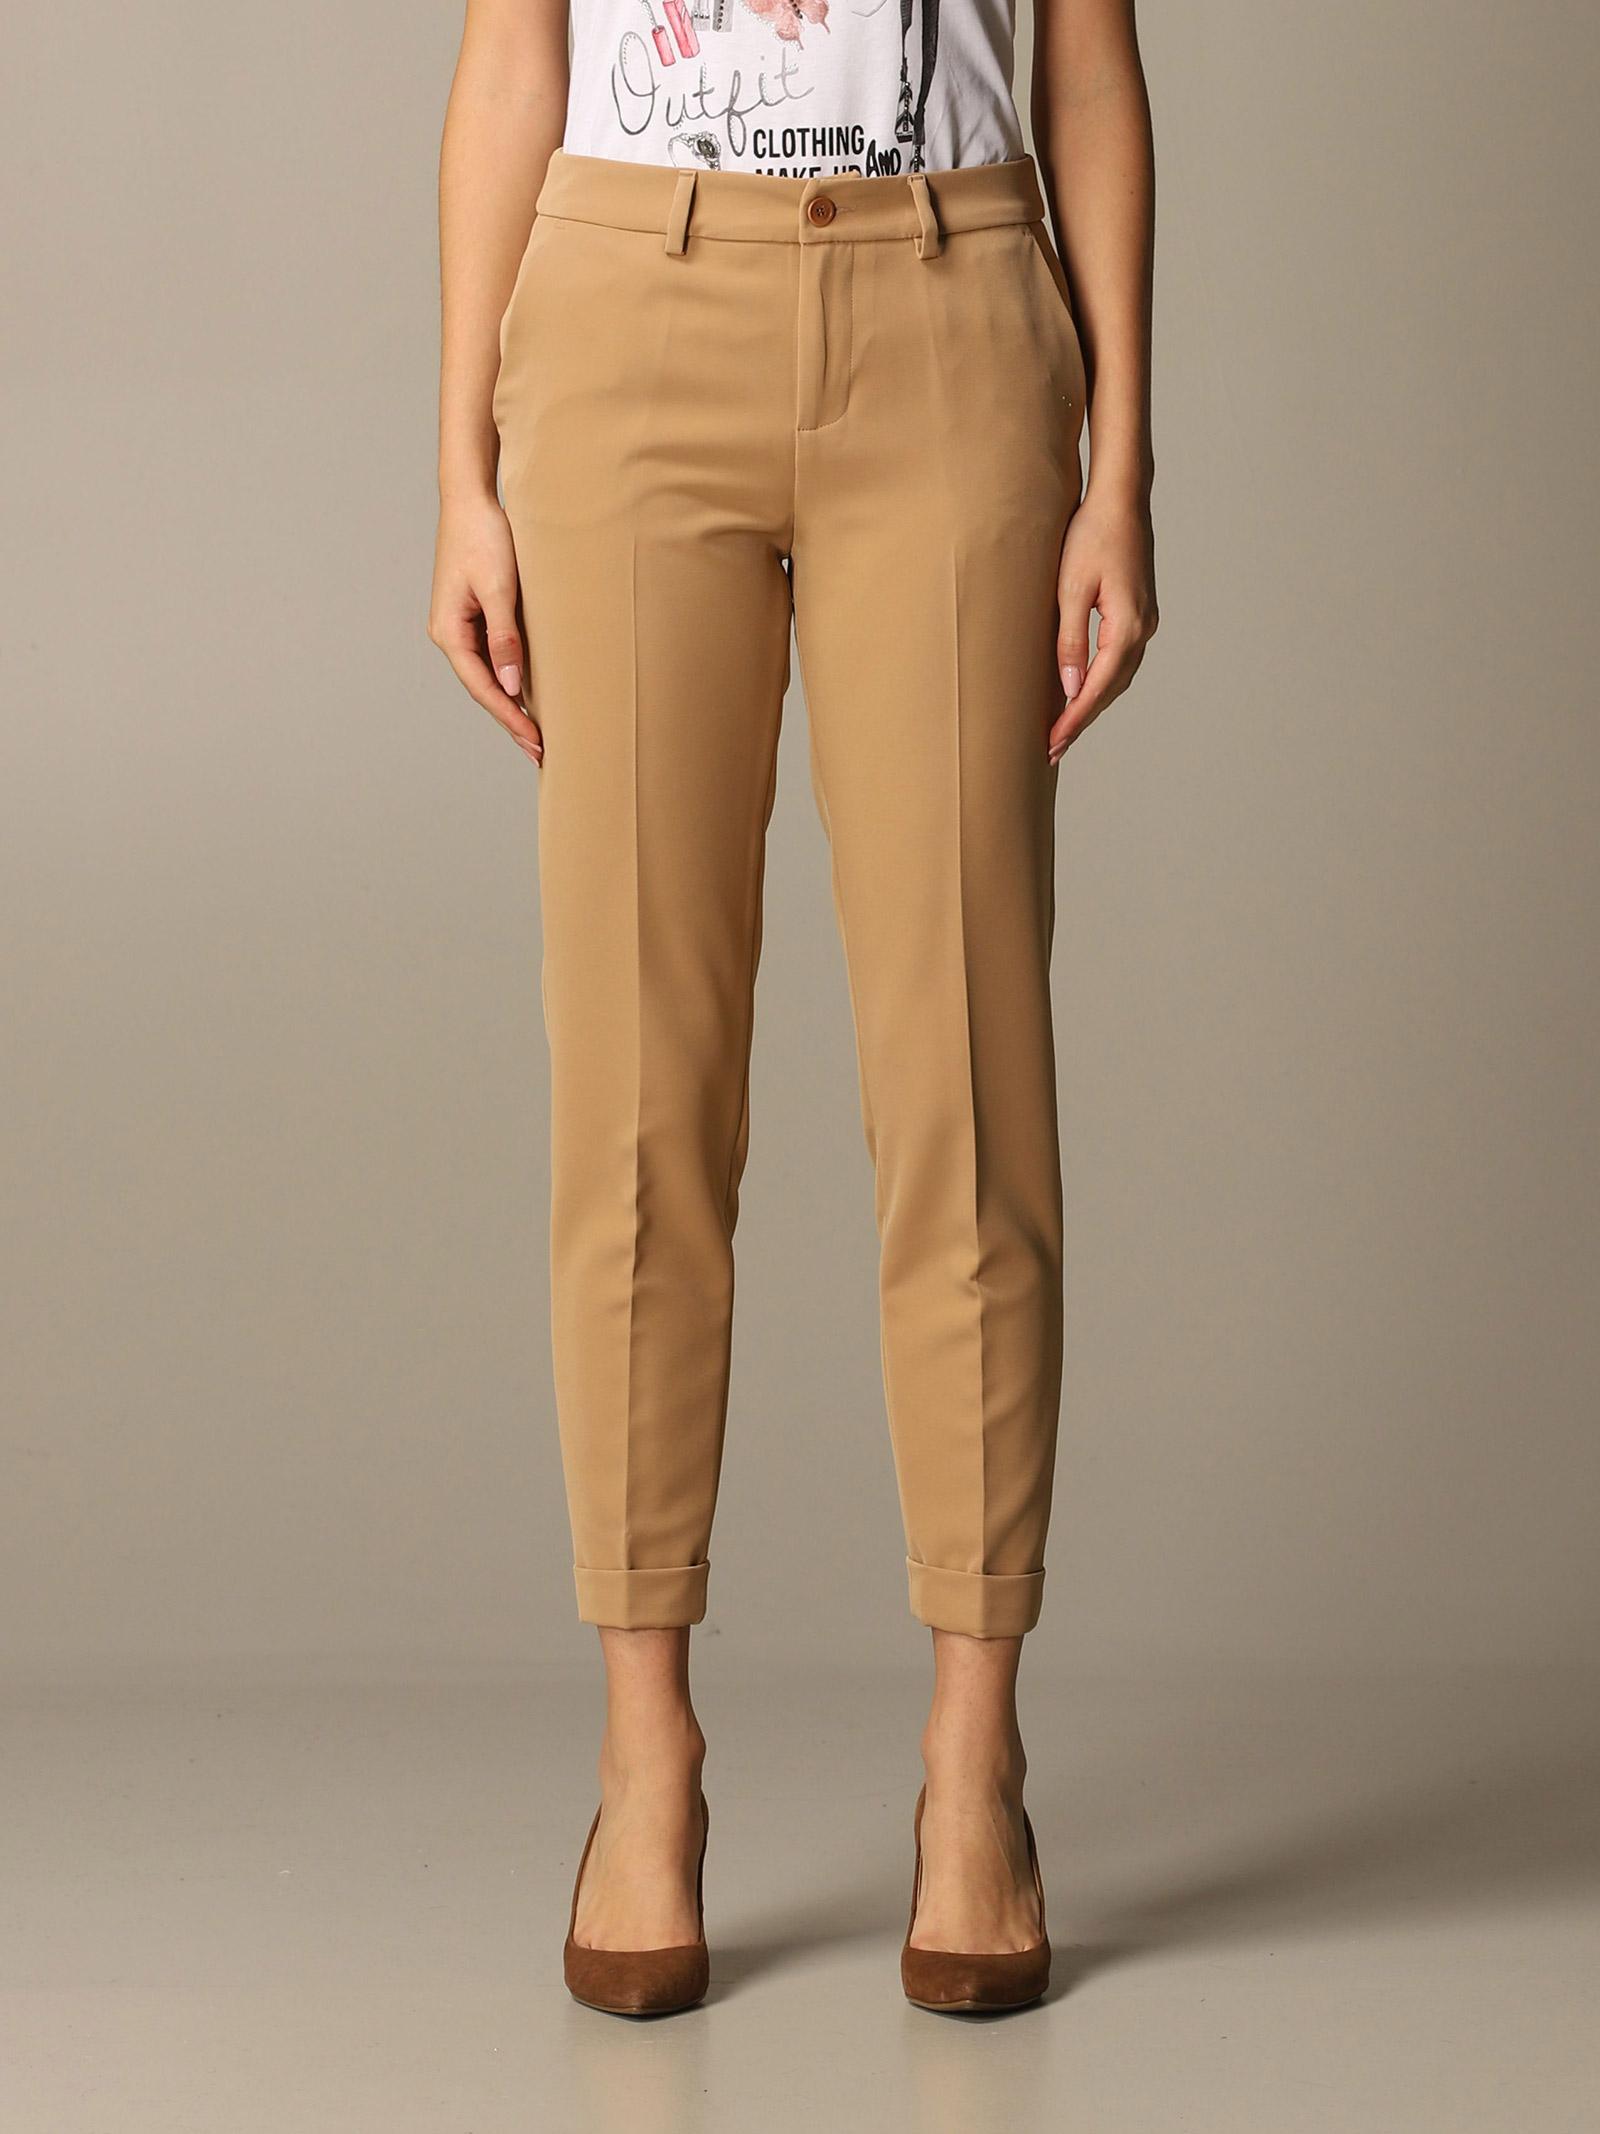 pantalone chino new york lux liu jo LIU JO | Pantalone | WF0042T7896X0307